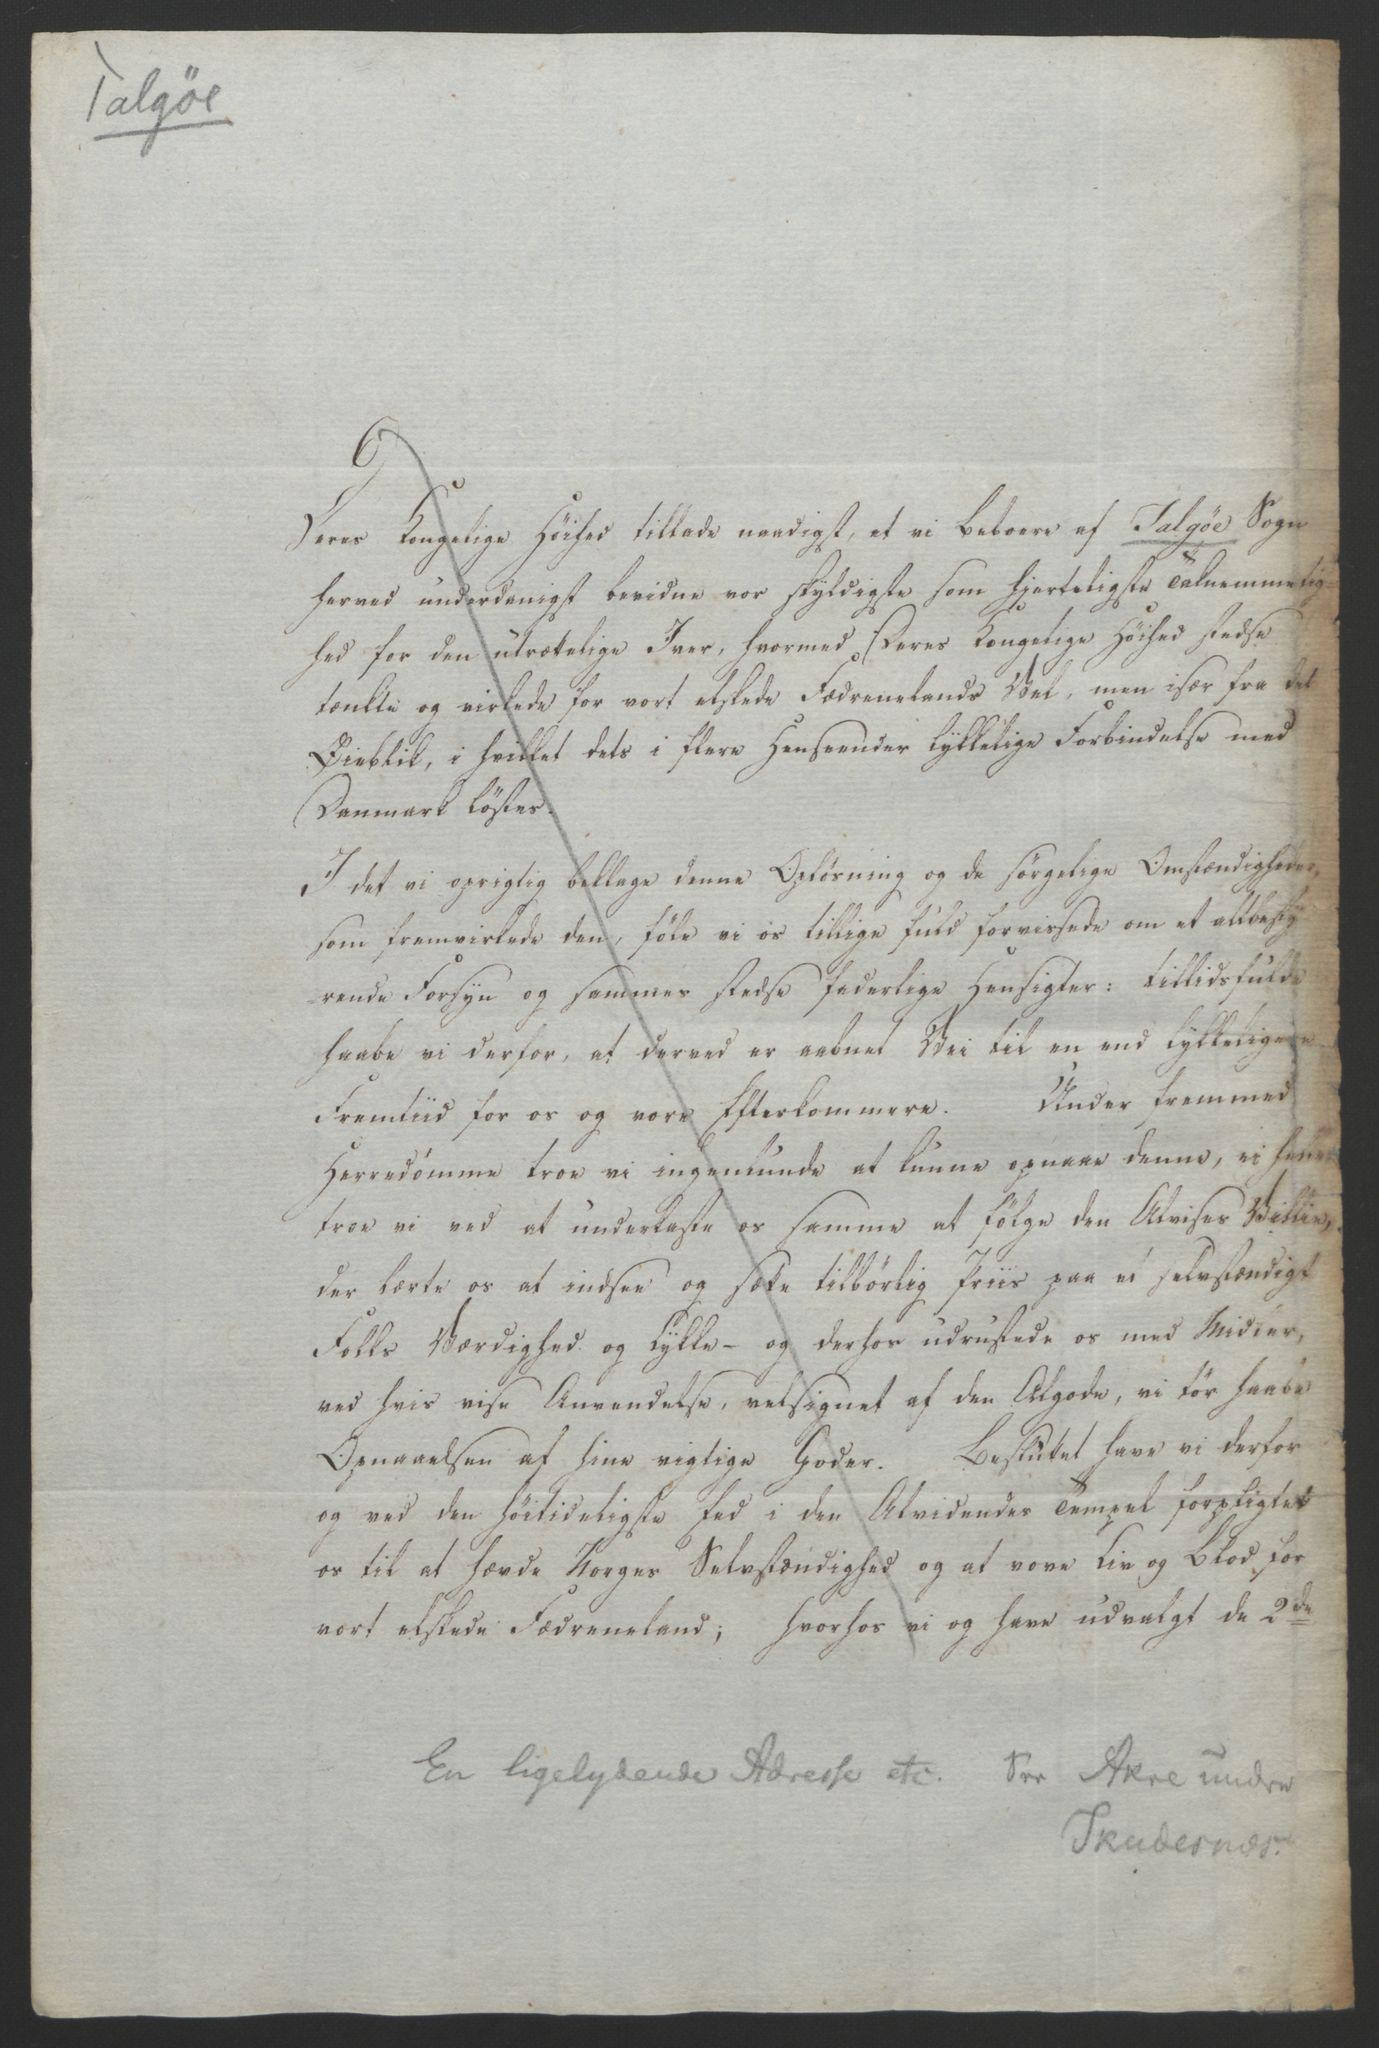 RA, Statsrådssekretariatet, D/Db/L0008: Fullmakter for Eidsvollsrepresentantene i 1814. , 1814, s. 216